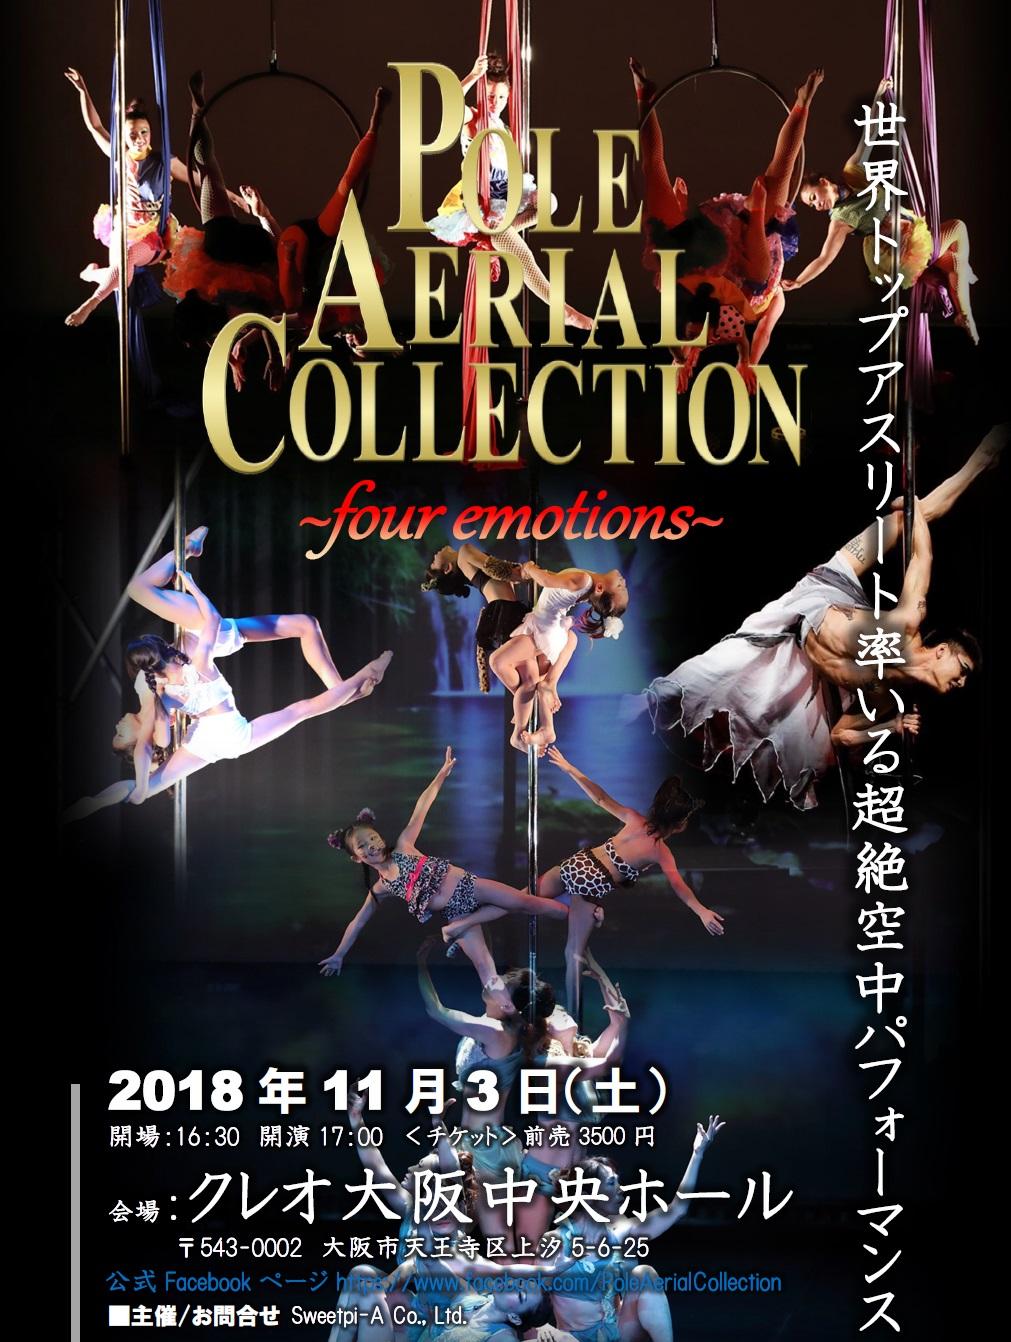 ポールダンスとエアリアルの舞台「POLE AERIAL COLLECTION」11月3日開催!